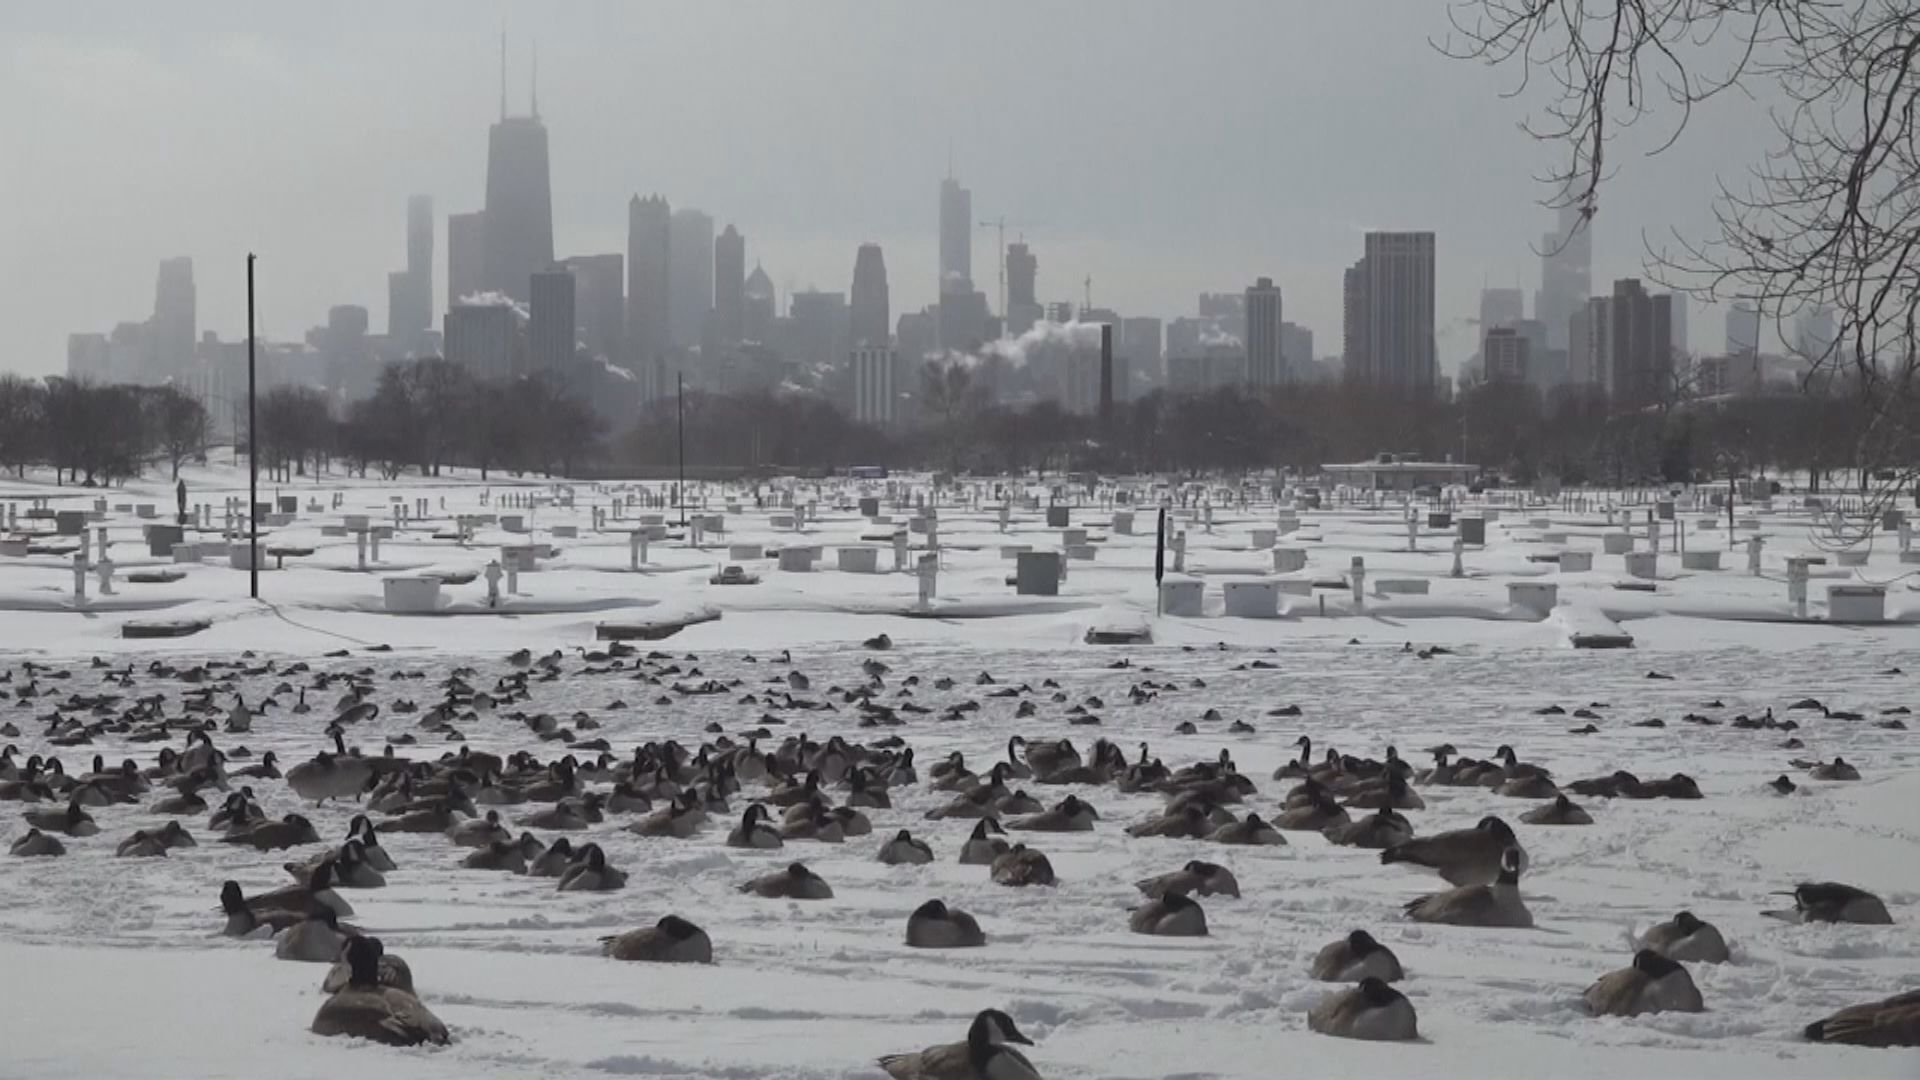 美國受北極寒流侵襲 逾七成土地被雪覆蓋至少21死